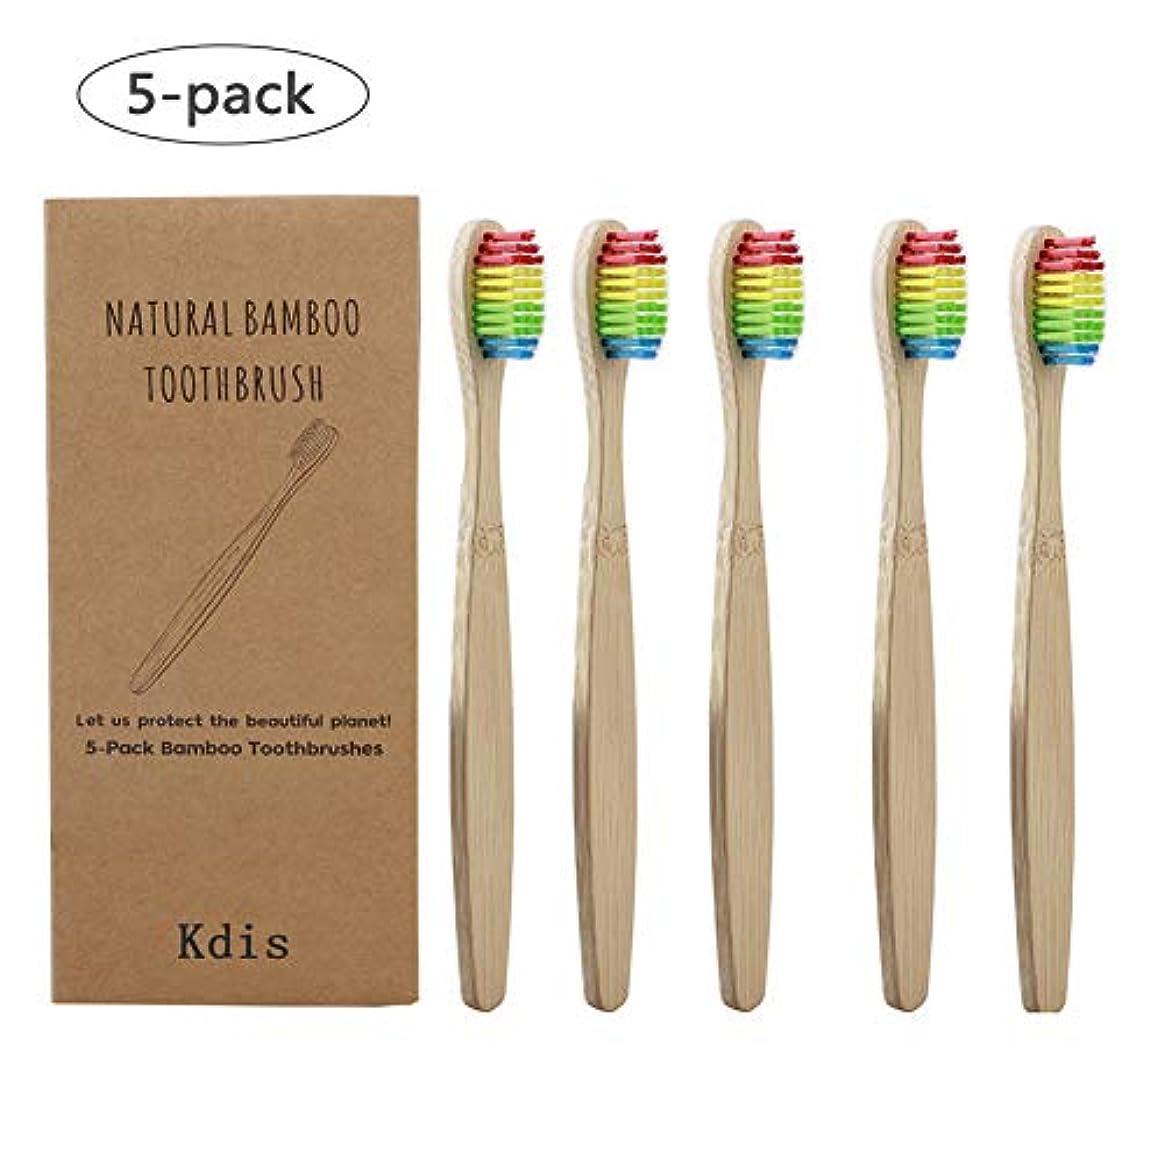 分解するブリード利点Doo 5本竹歯ブラシ 子ども用ハブラシ 環境にやさしい 柔らかい剛毛 スリム 竹歯ブラシ シンプル 携帯用 旅行用 出張用 こども用 口腔ケア